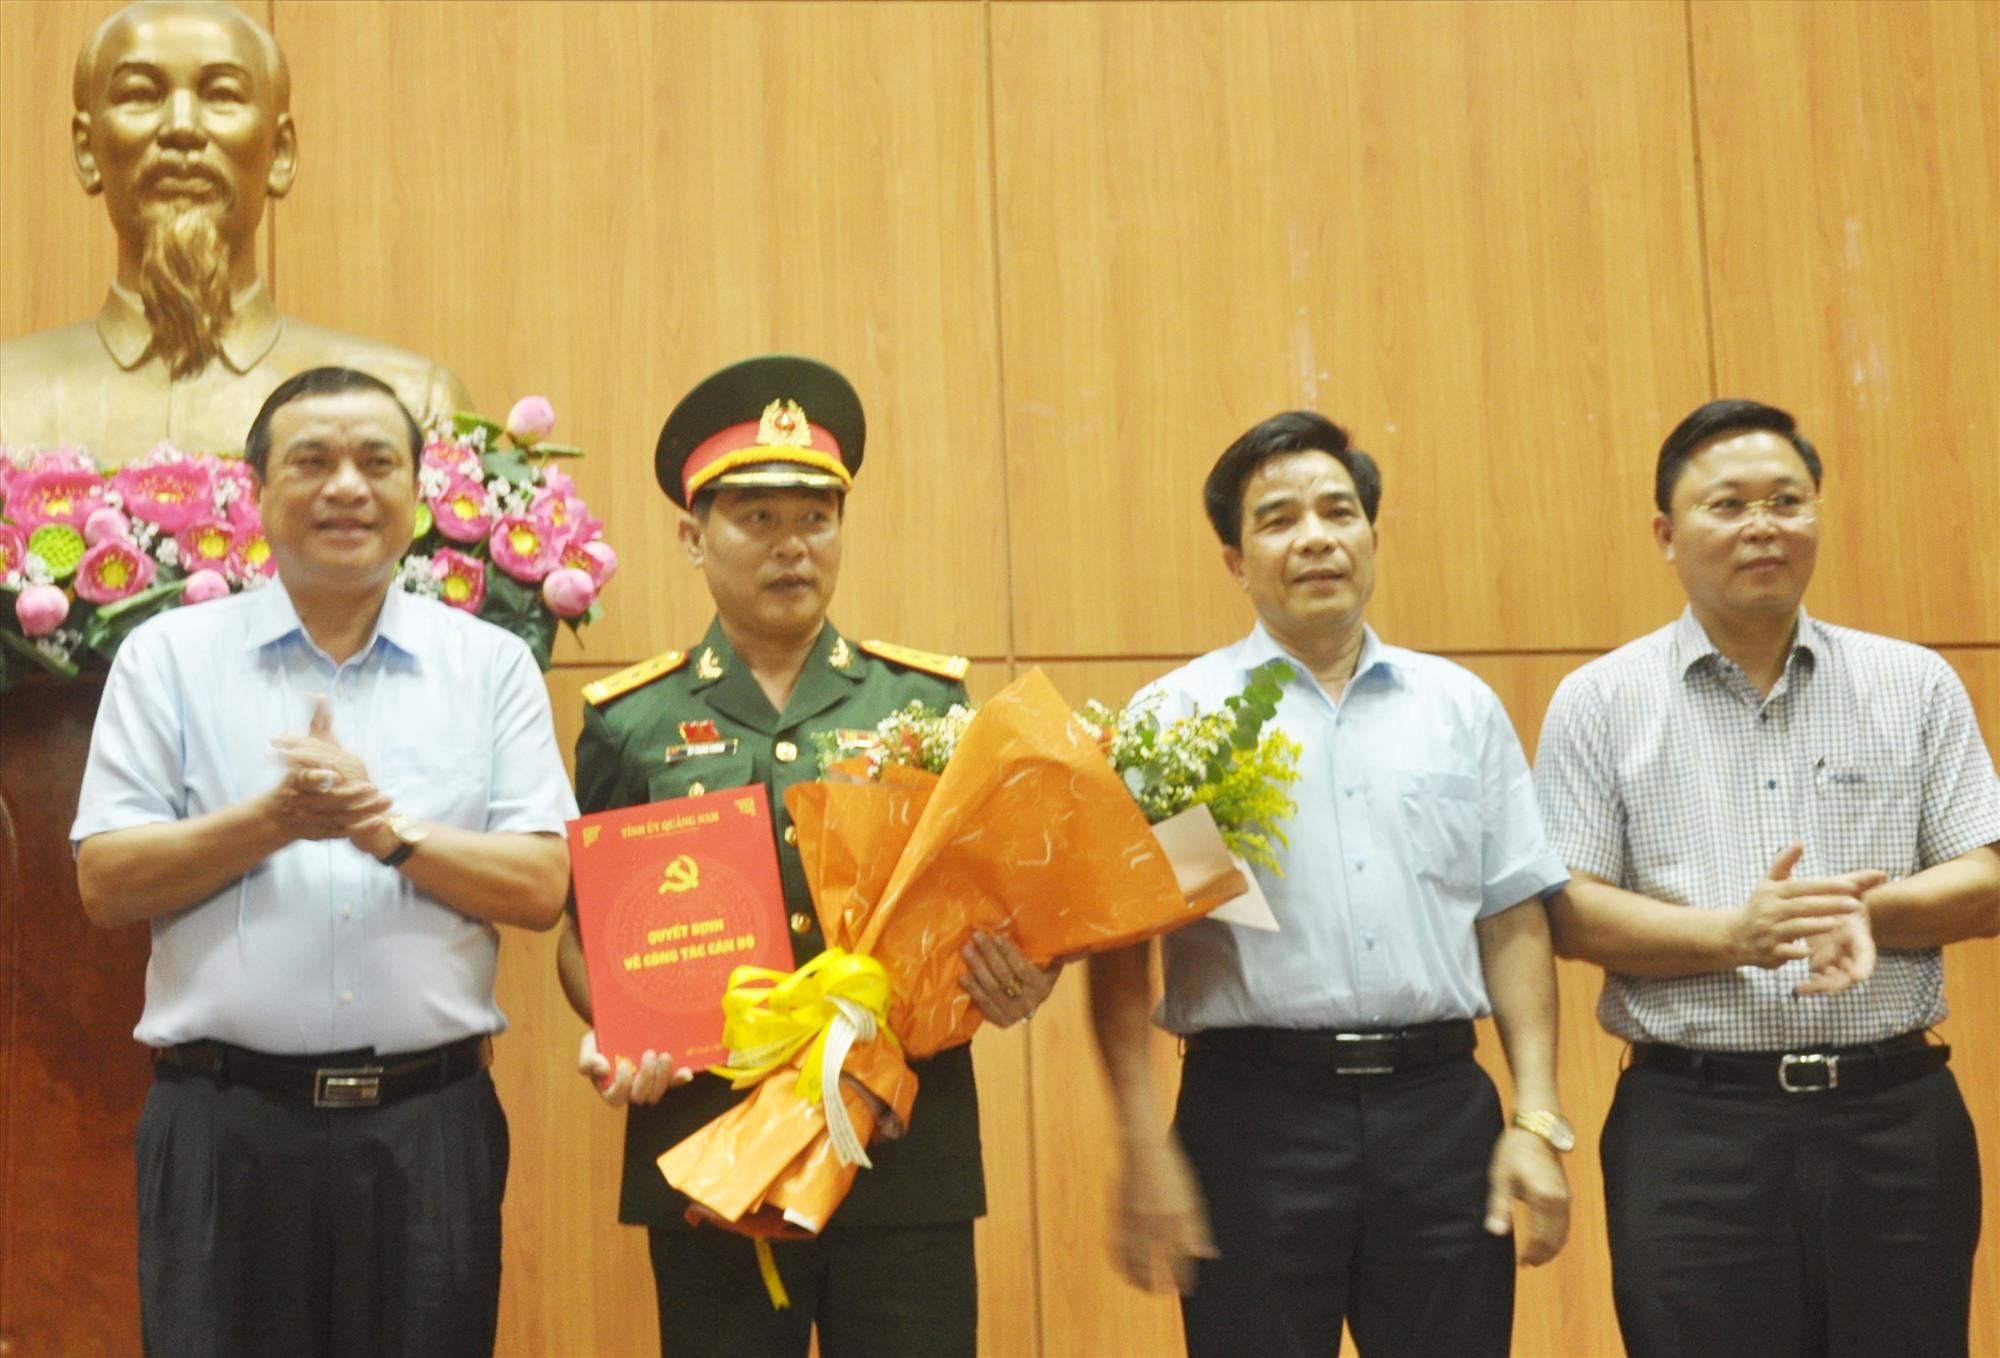 Các đồng chí Thường trực Tỉnh ủy trao quyết định của Ban Bí thư và tặng hoa chúc mừng đồng chí Lê Trung Thành. Ảnh: N.Đ